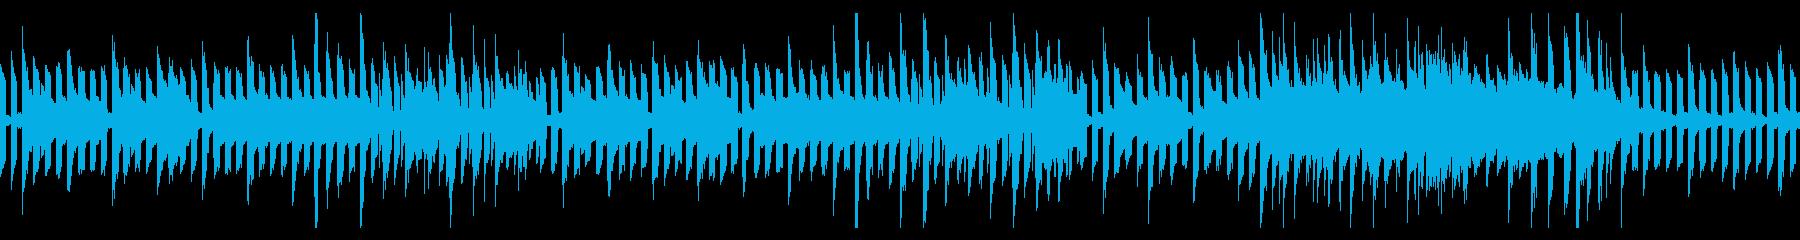 ピコピコした日常系のループBGMの再生済みの波形